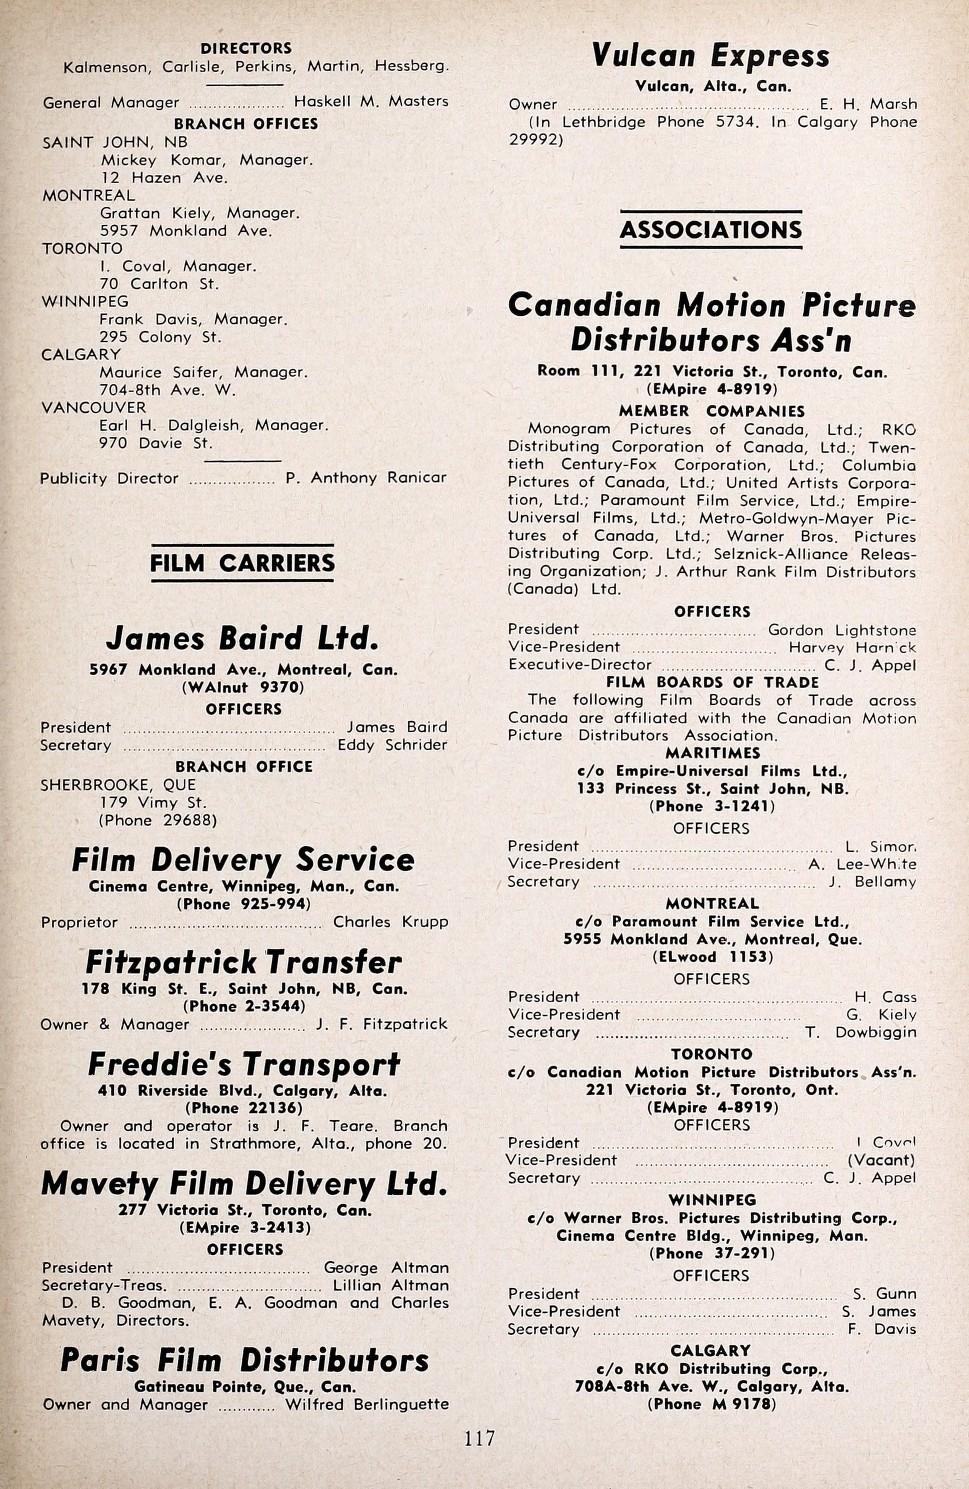 1951yearbookcana00film_jp2.zip&file=1951yearbookcana00film_jp2%2f1951yearbookcana00film_0119